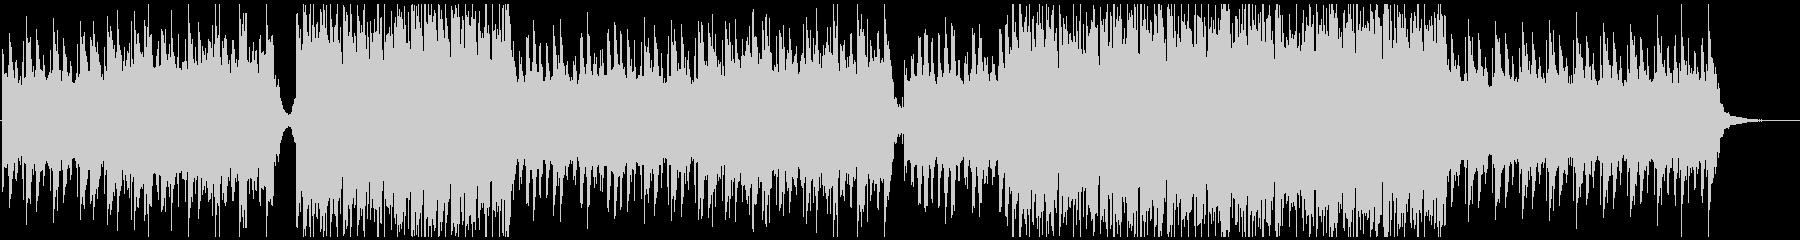 オーケストラ-花火-壮大-空撮-PV-空の未再生の波形